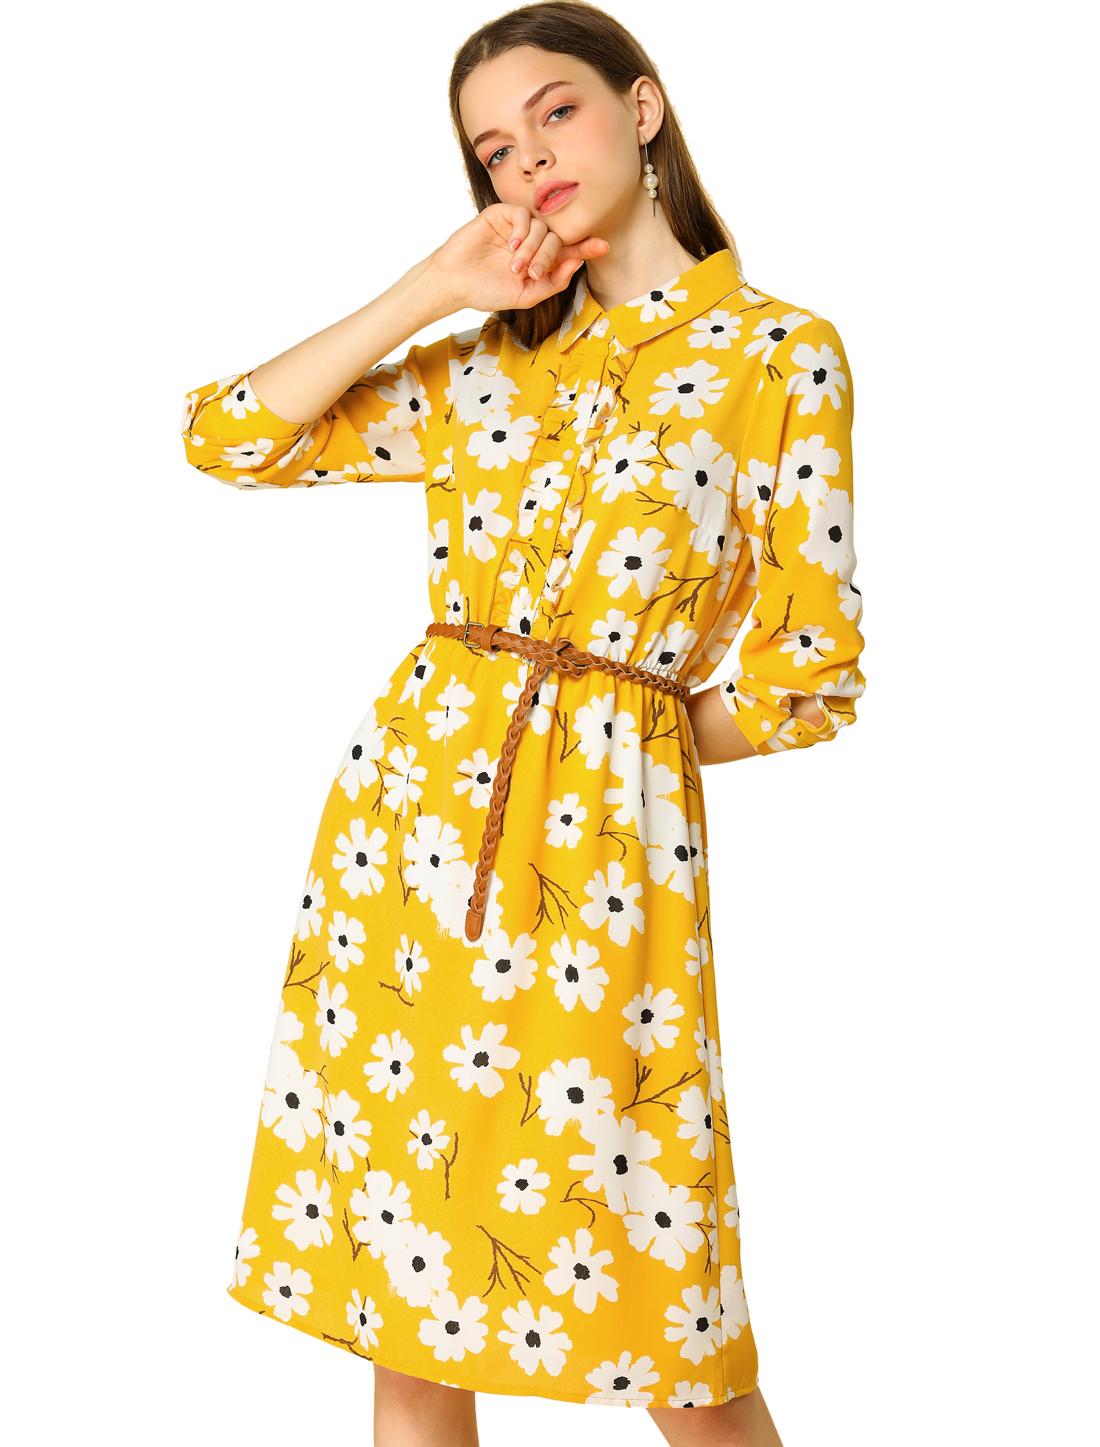 Women's Floral Button Ruffle Half Placket Long Sleeve Shirt Dress Yellow XS